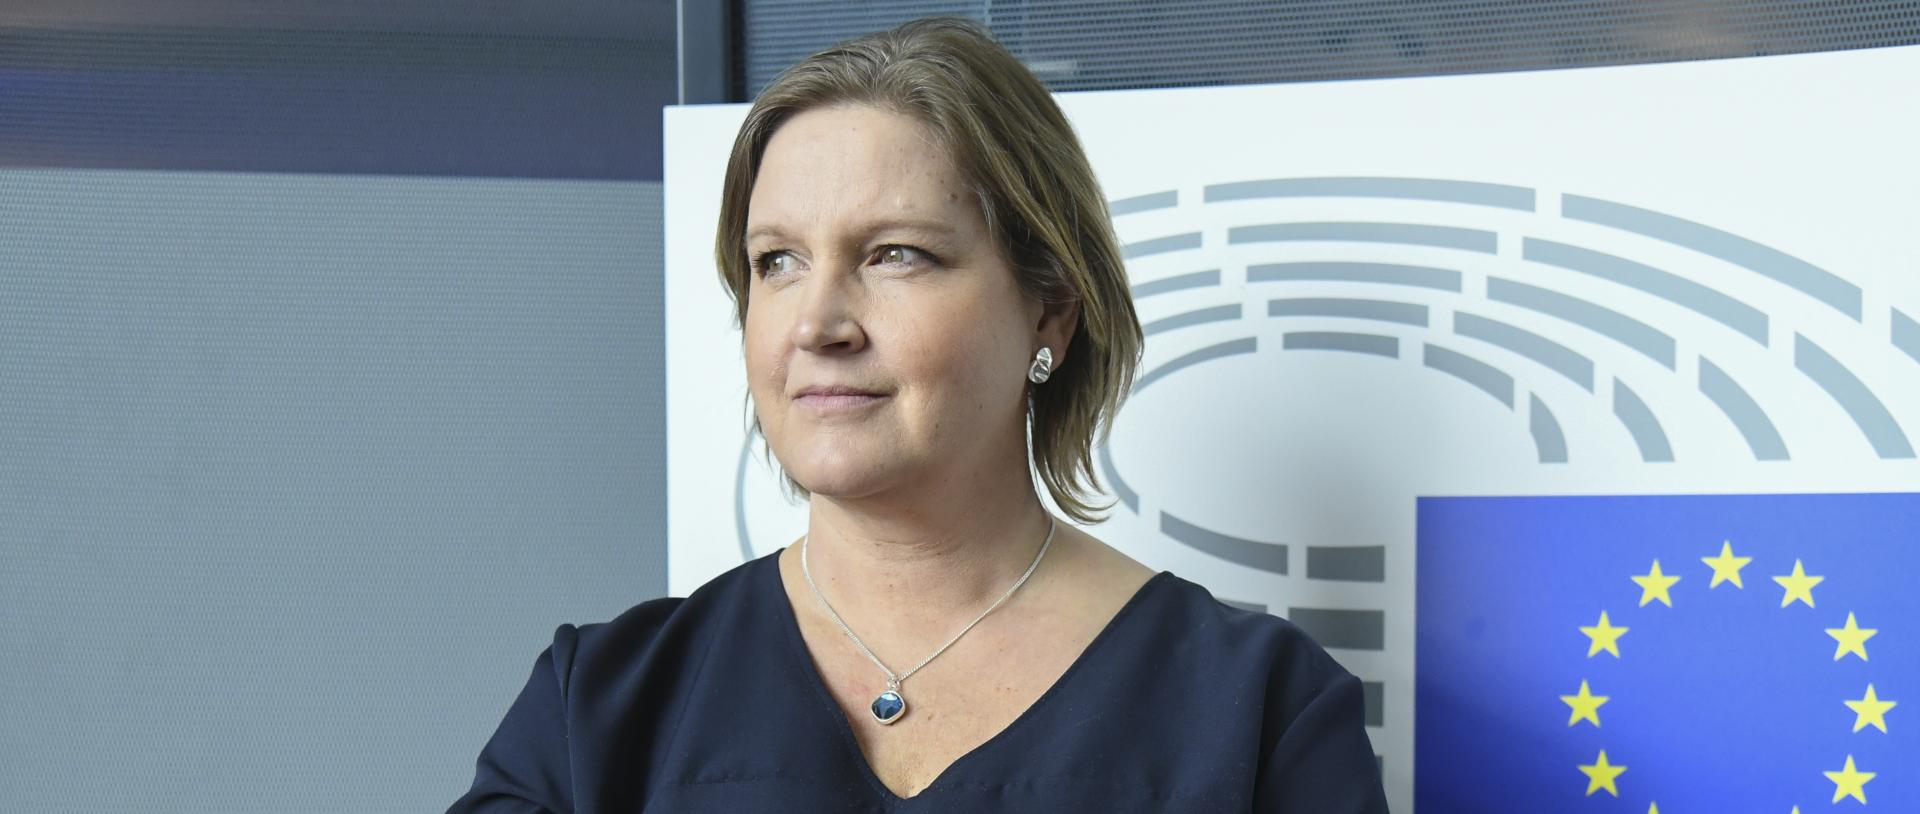 Framtiden formas i mitten! Karin Karlsbro om Liberalernas vägval i Frisinnad Tidskrift